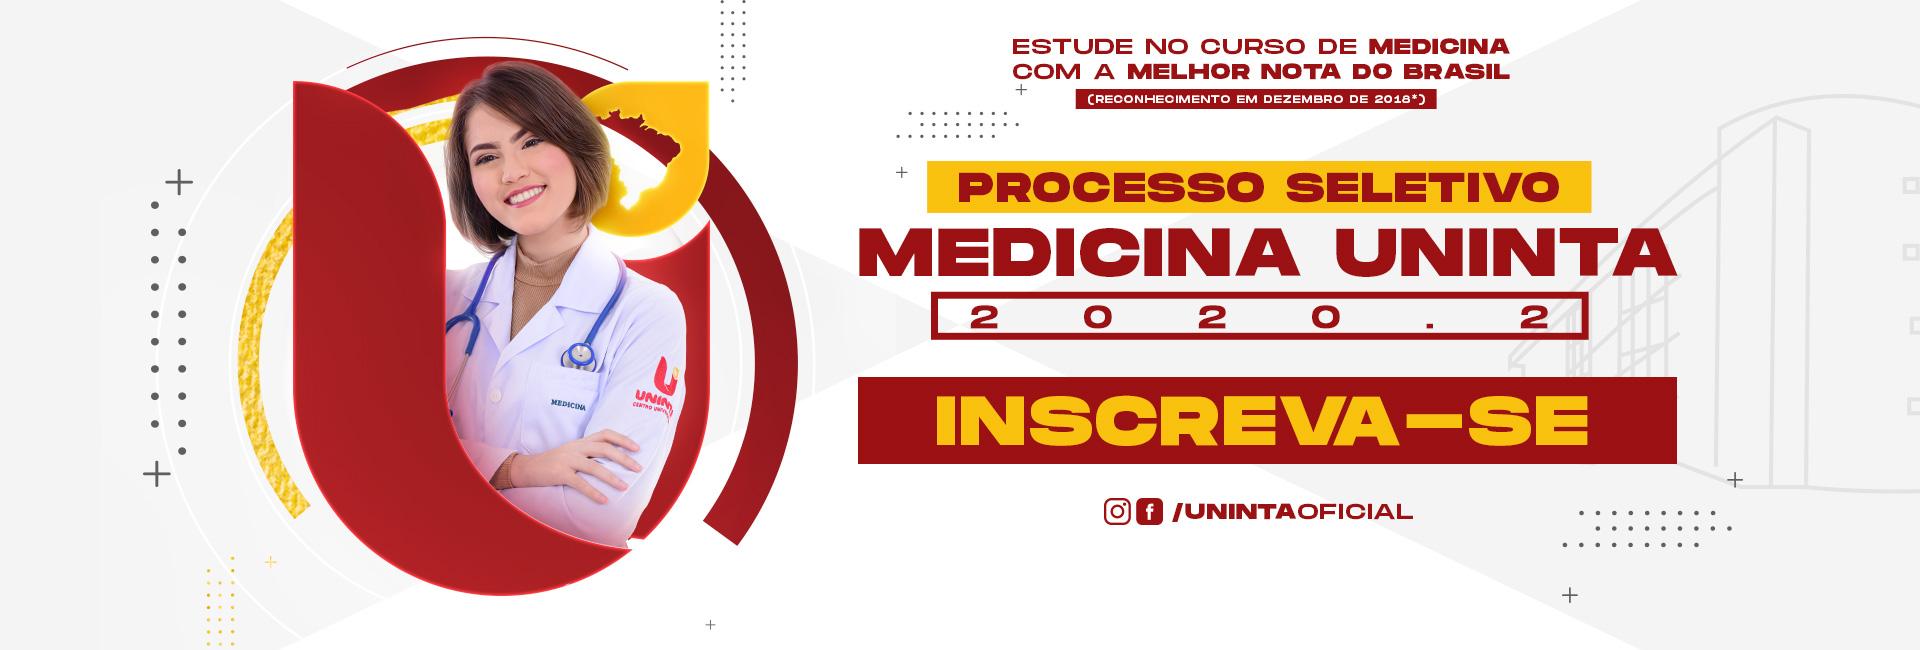 Processo Seletivo Medicina UNINTA - Inscreva-se agora!